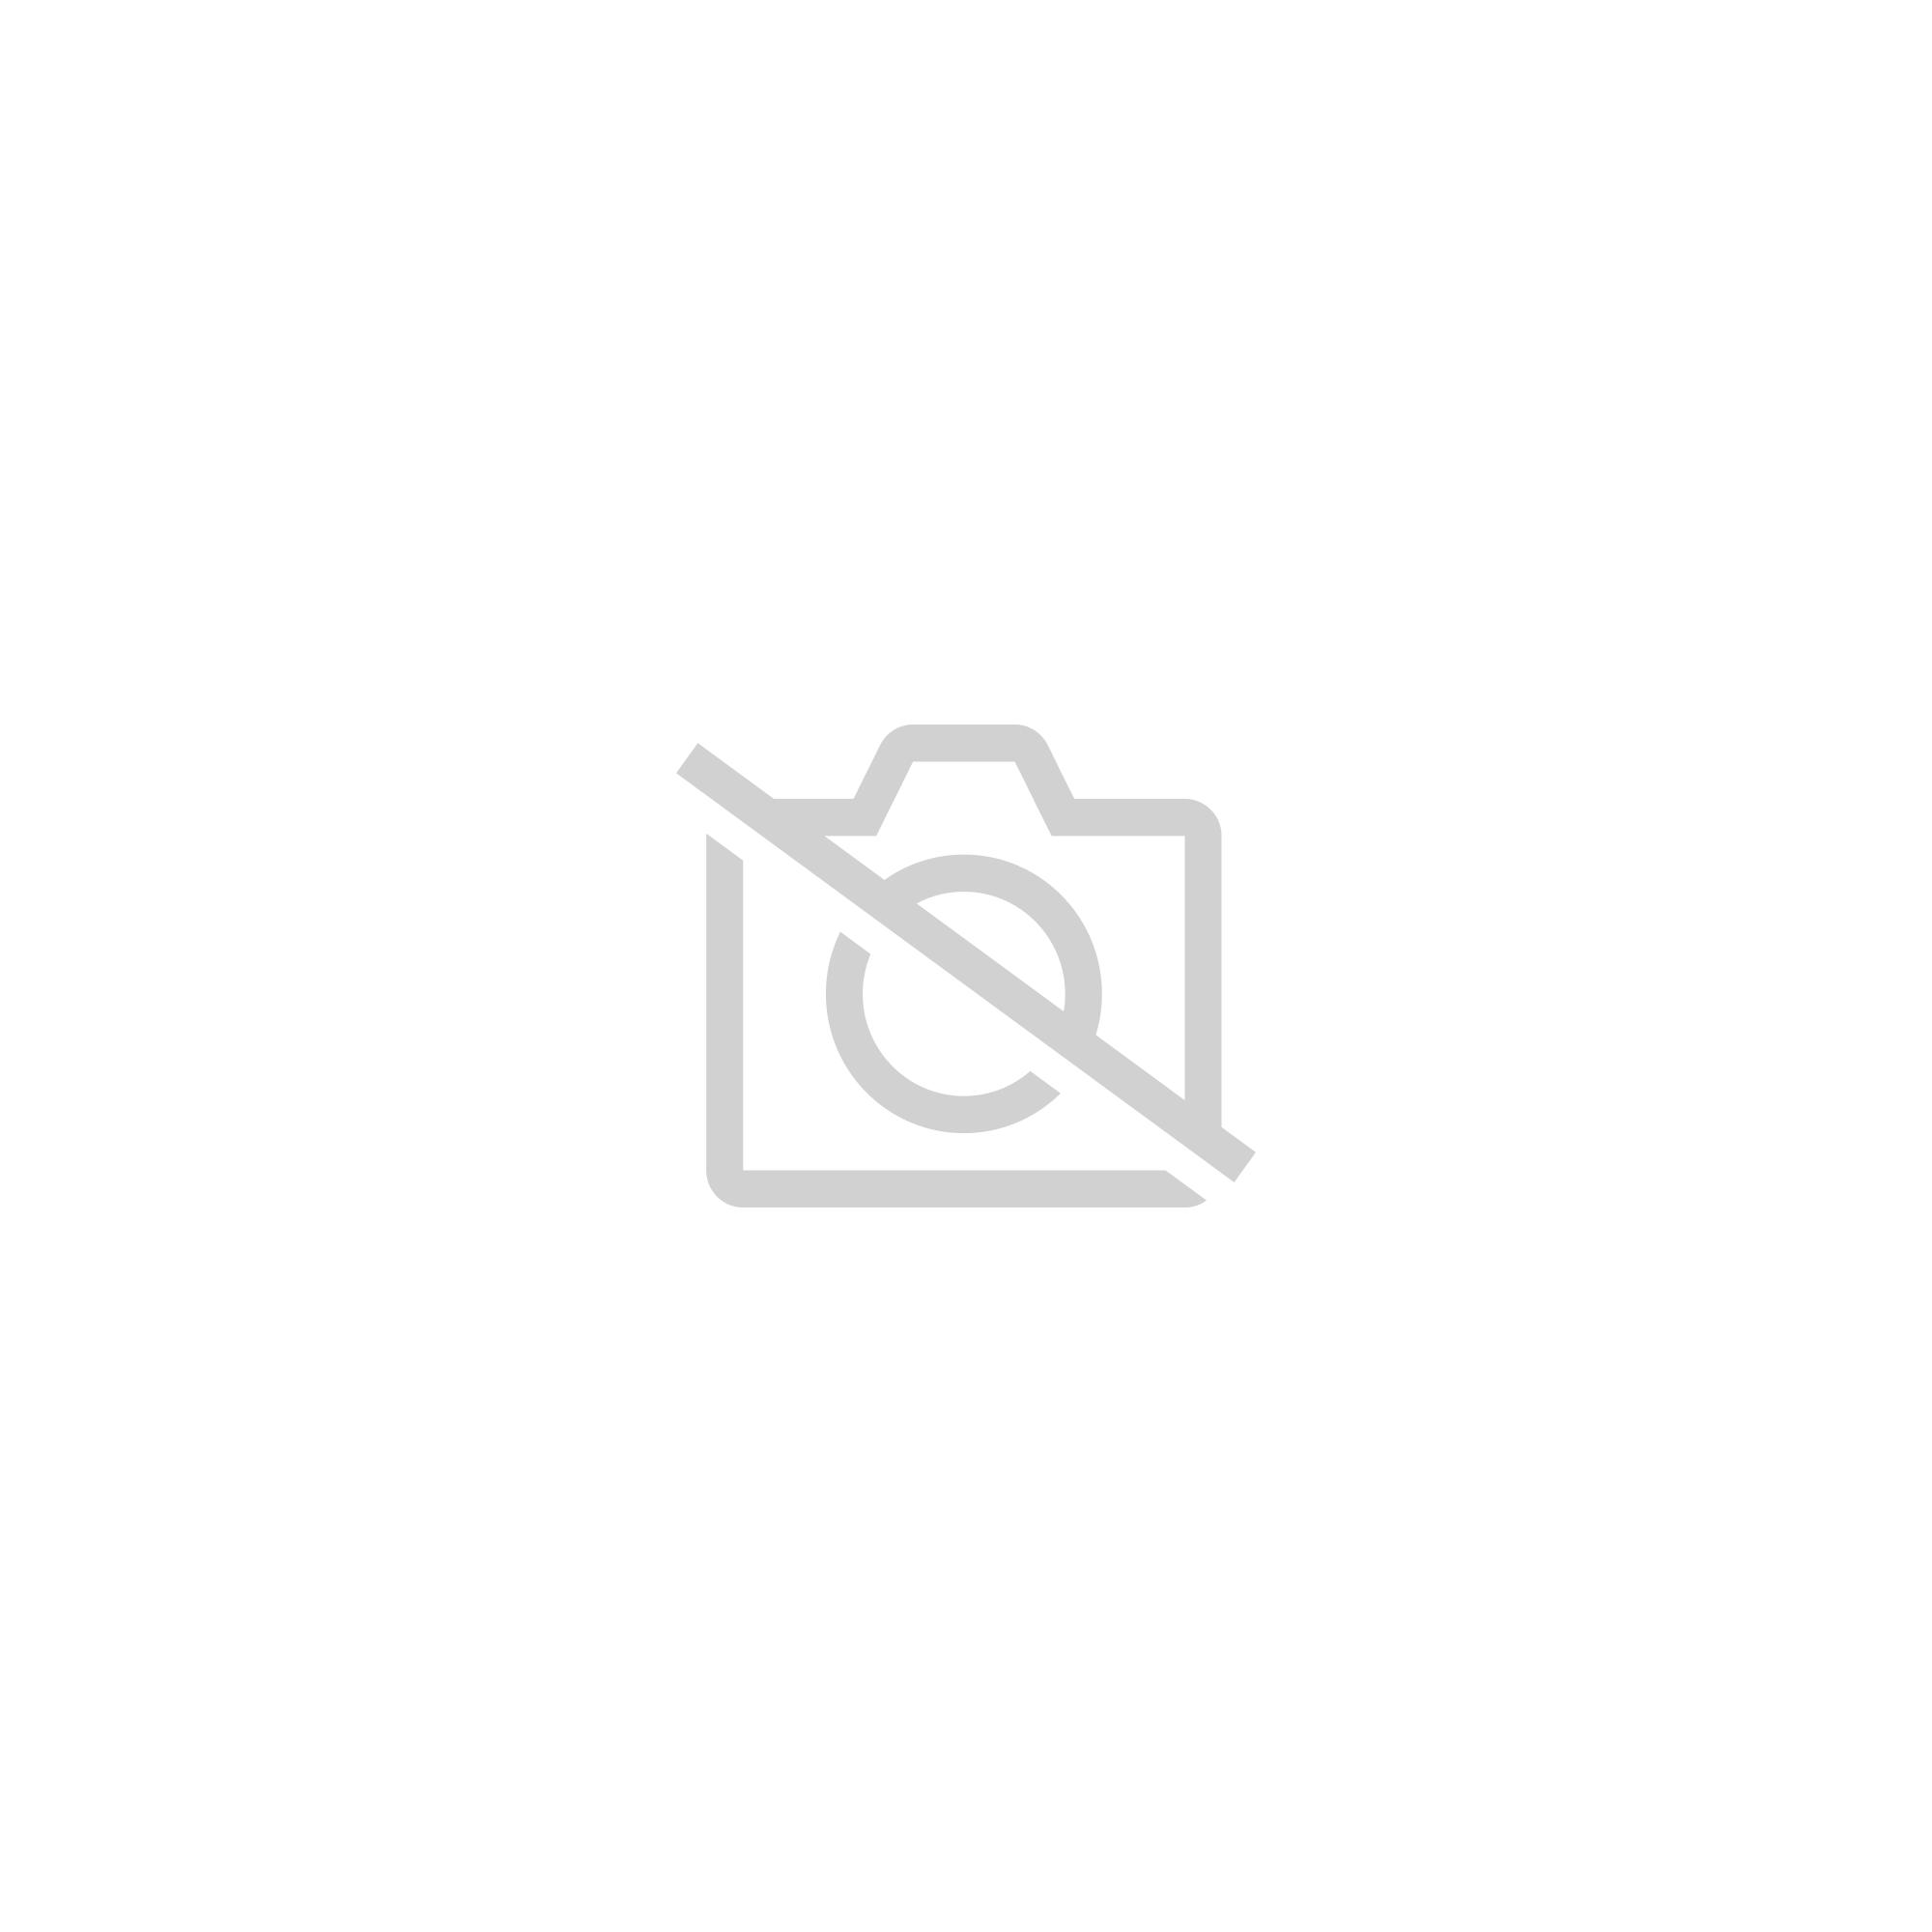 Batterie Secours Nfc 2300mah Samsung Galaxy S3 - Noir